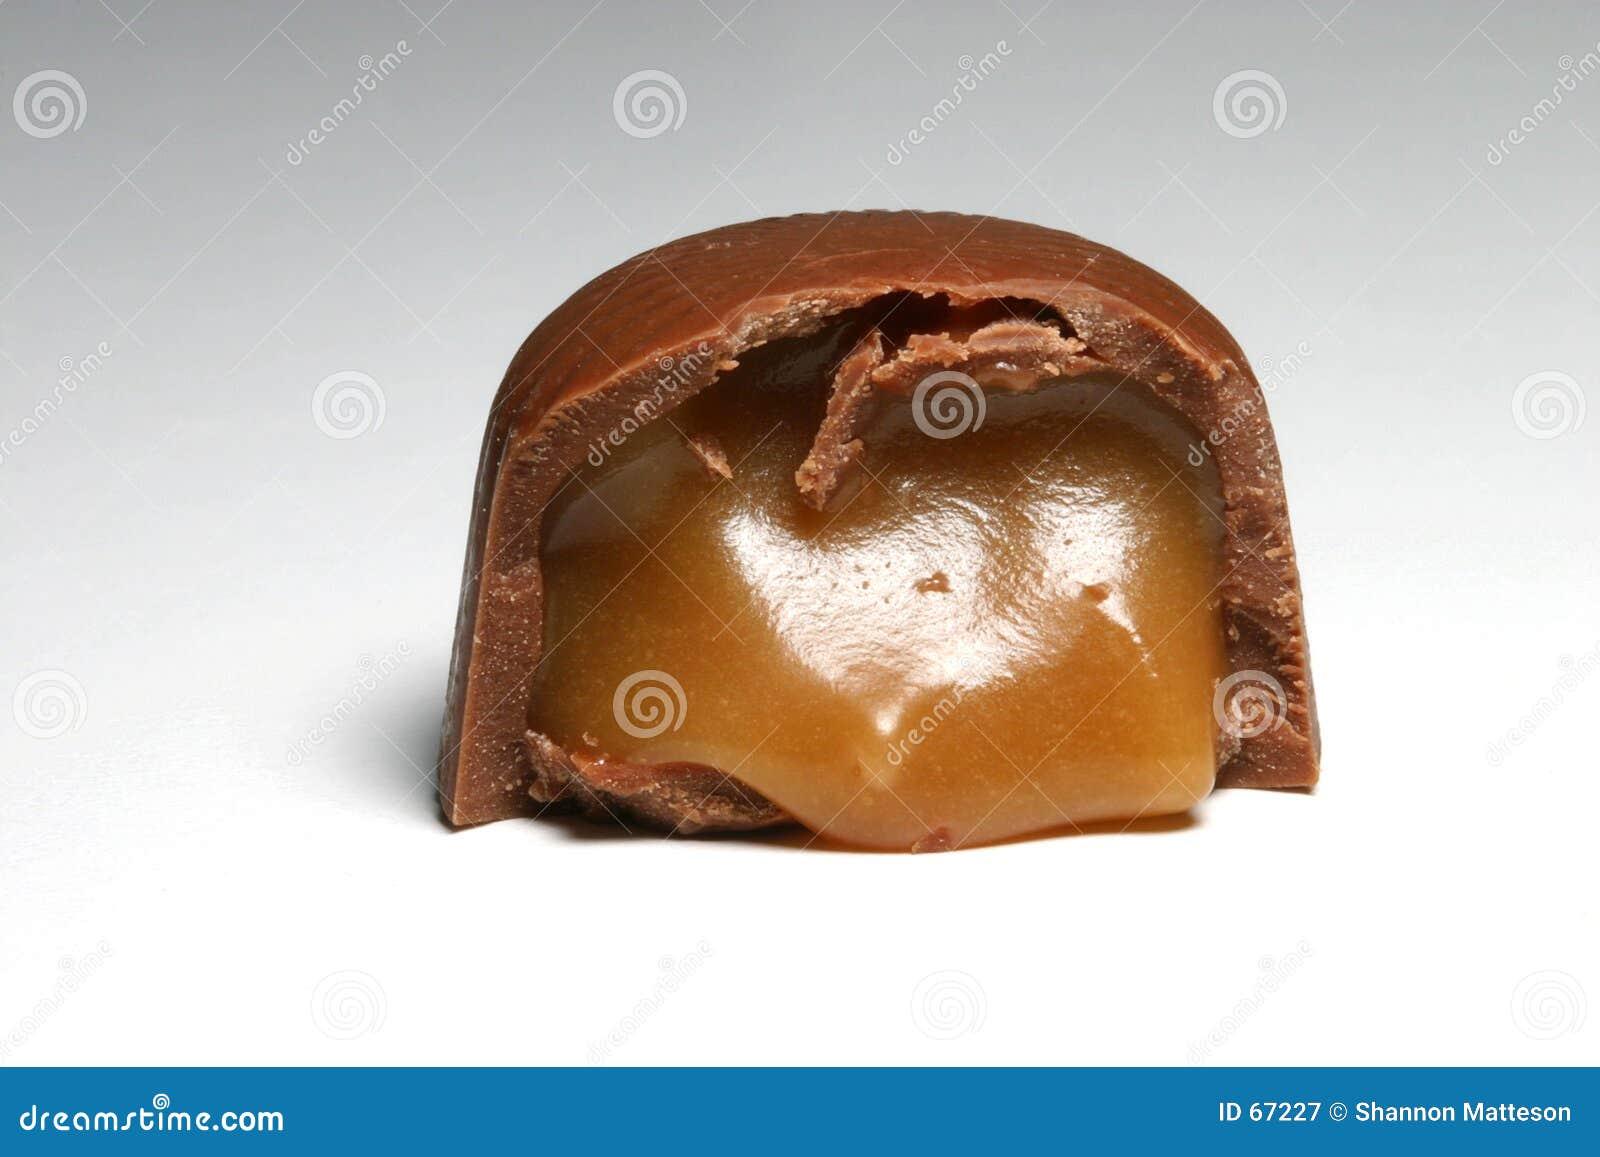 chocolade met karamel